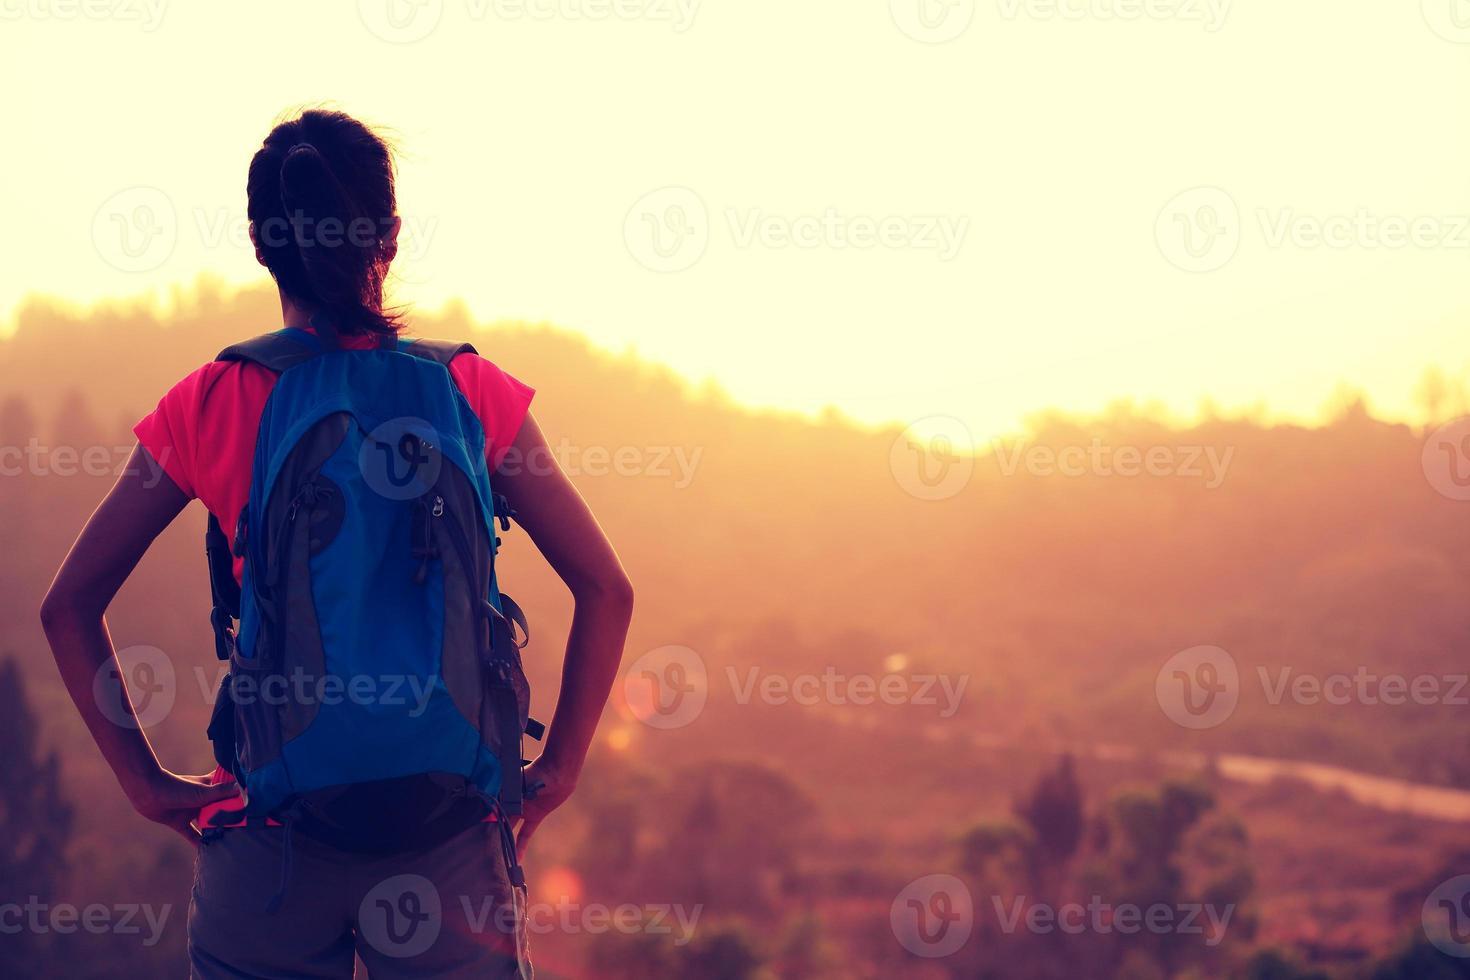 jonge vrouw wandelaar genieten van het uitzicht op zonsopgang bergtop foto